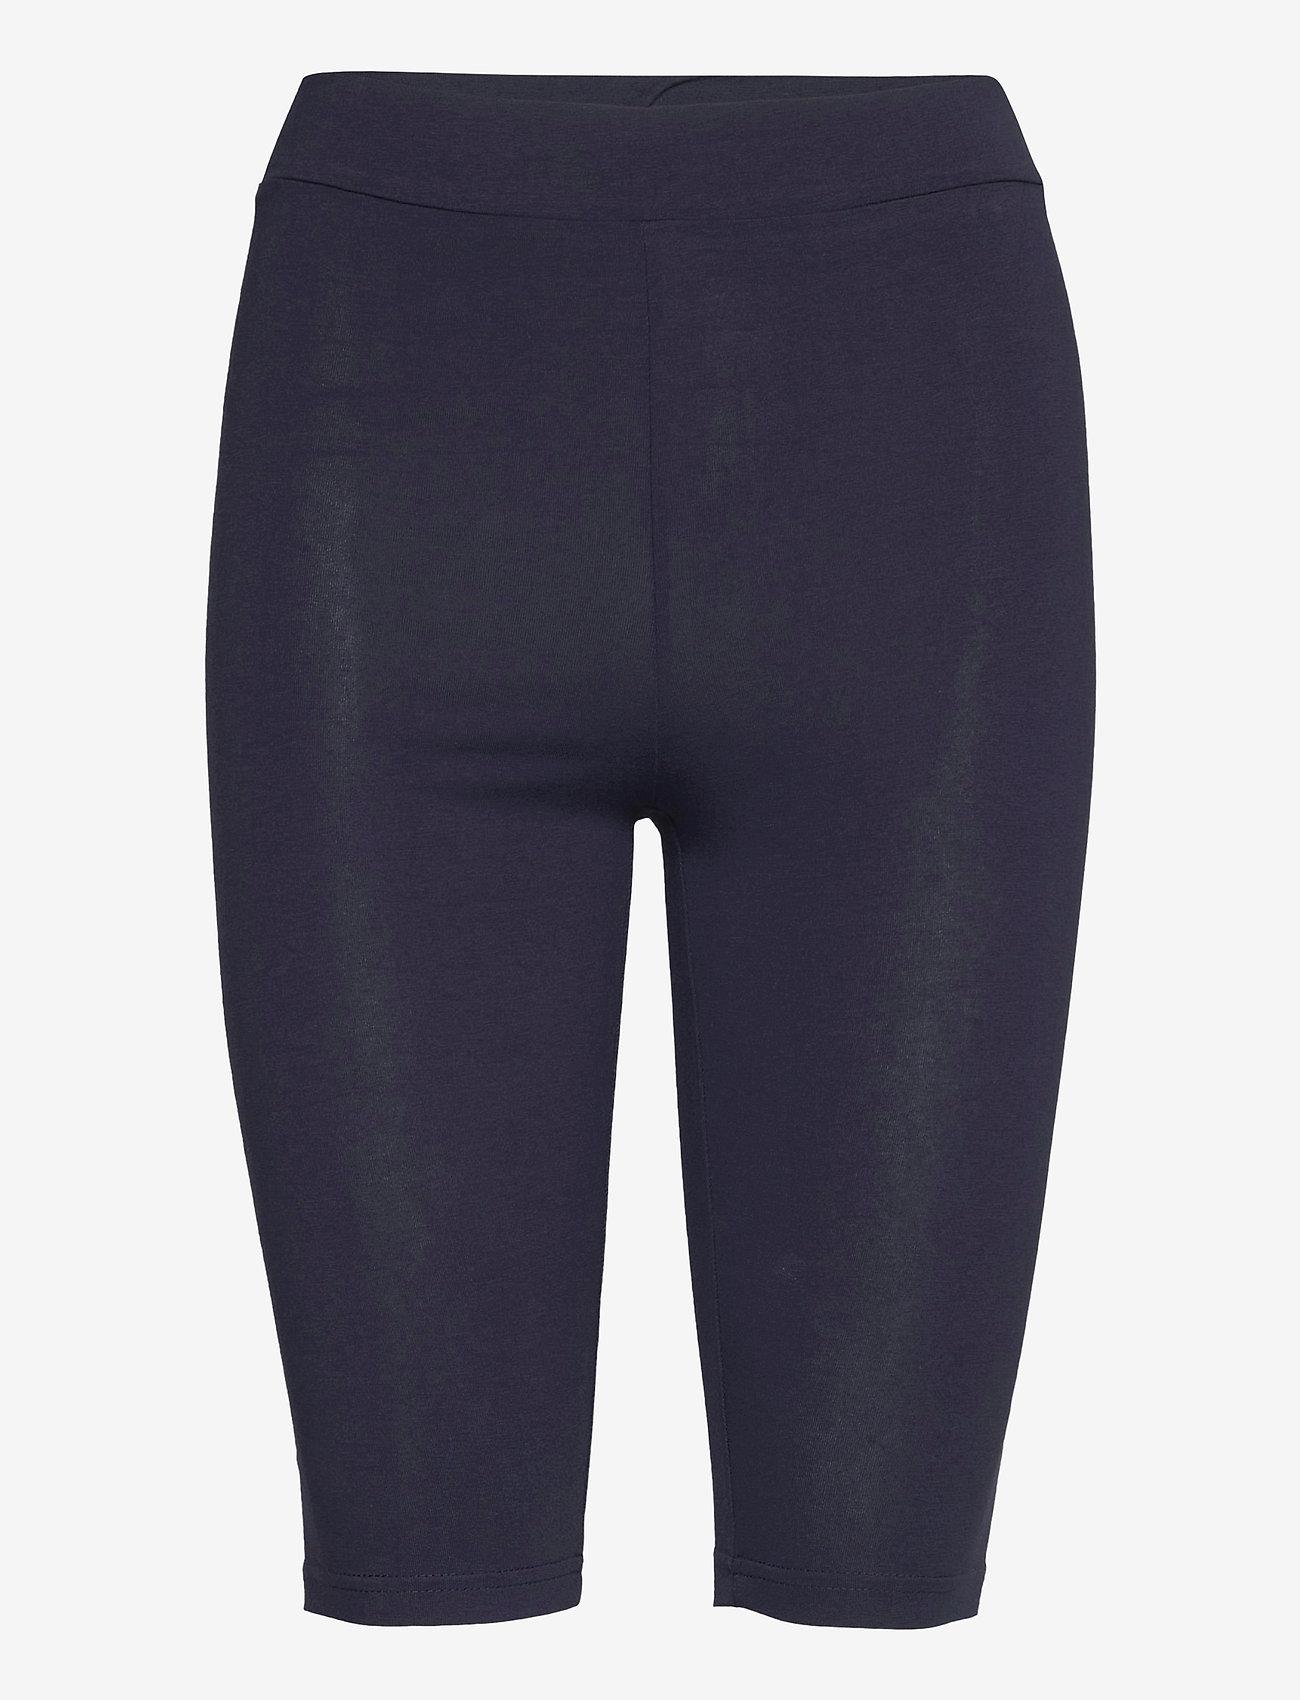 FILA - WOMEN JANESSA short leggings - leggings - black iris - 0